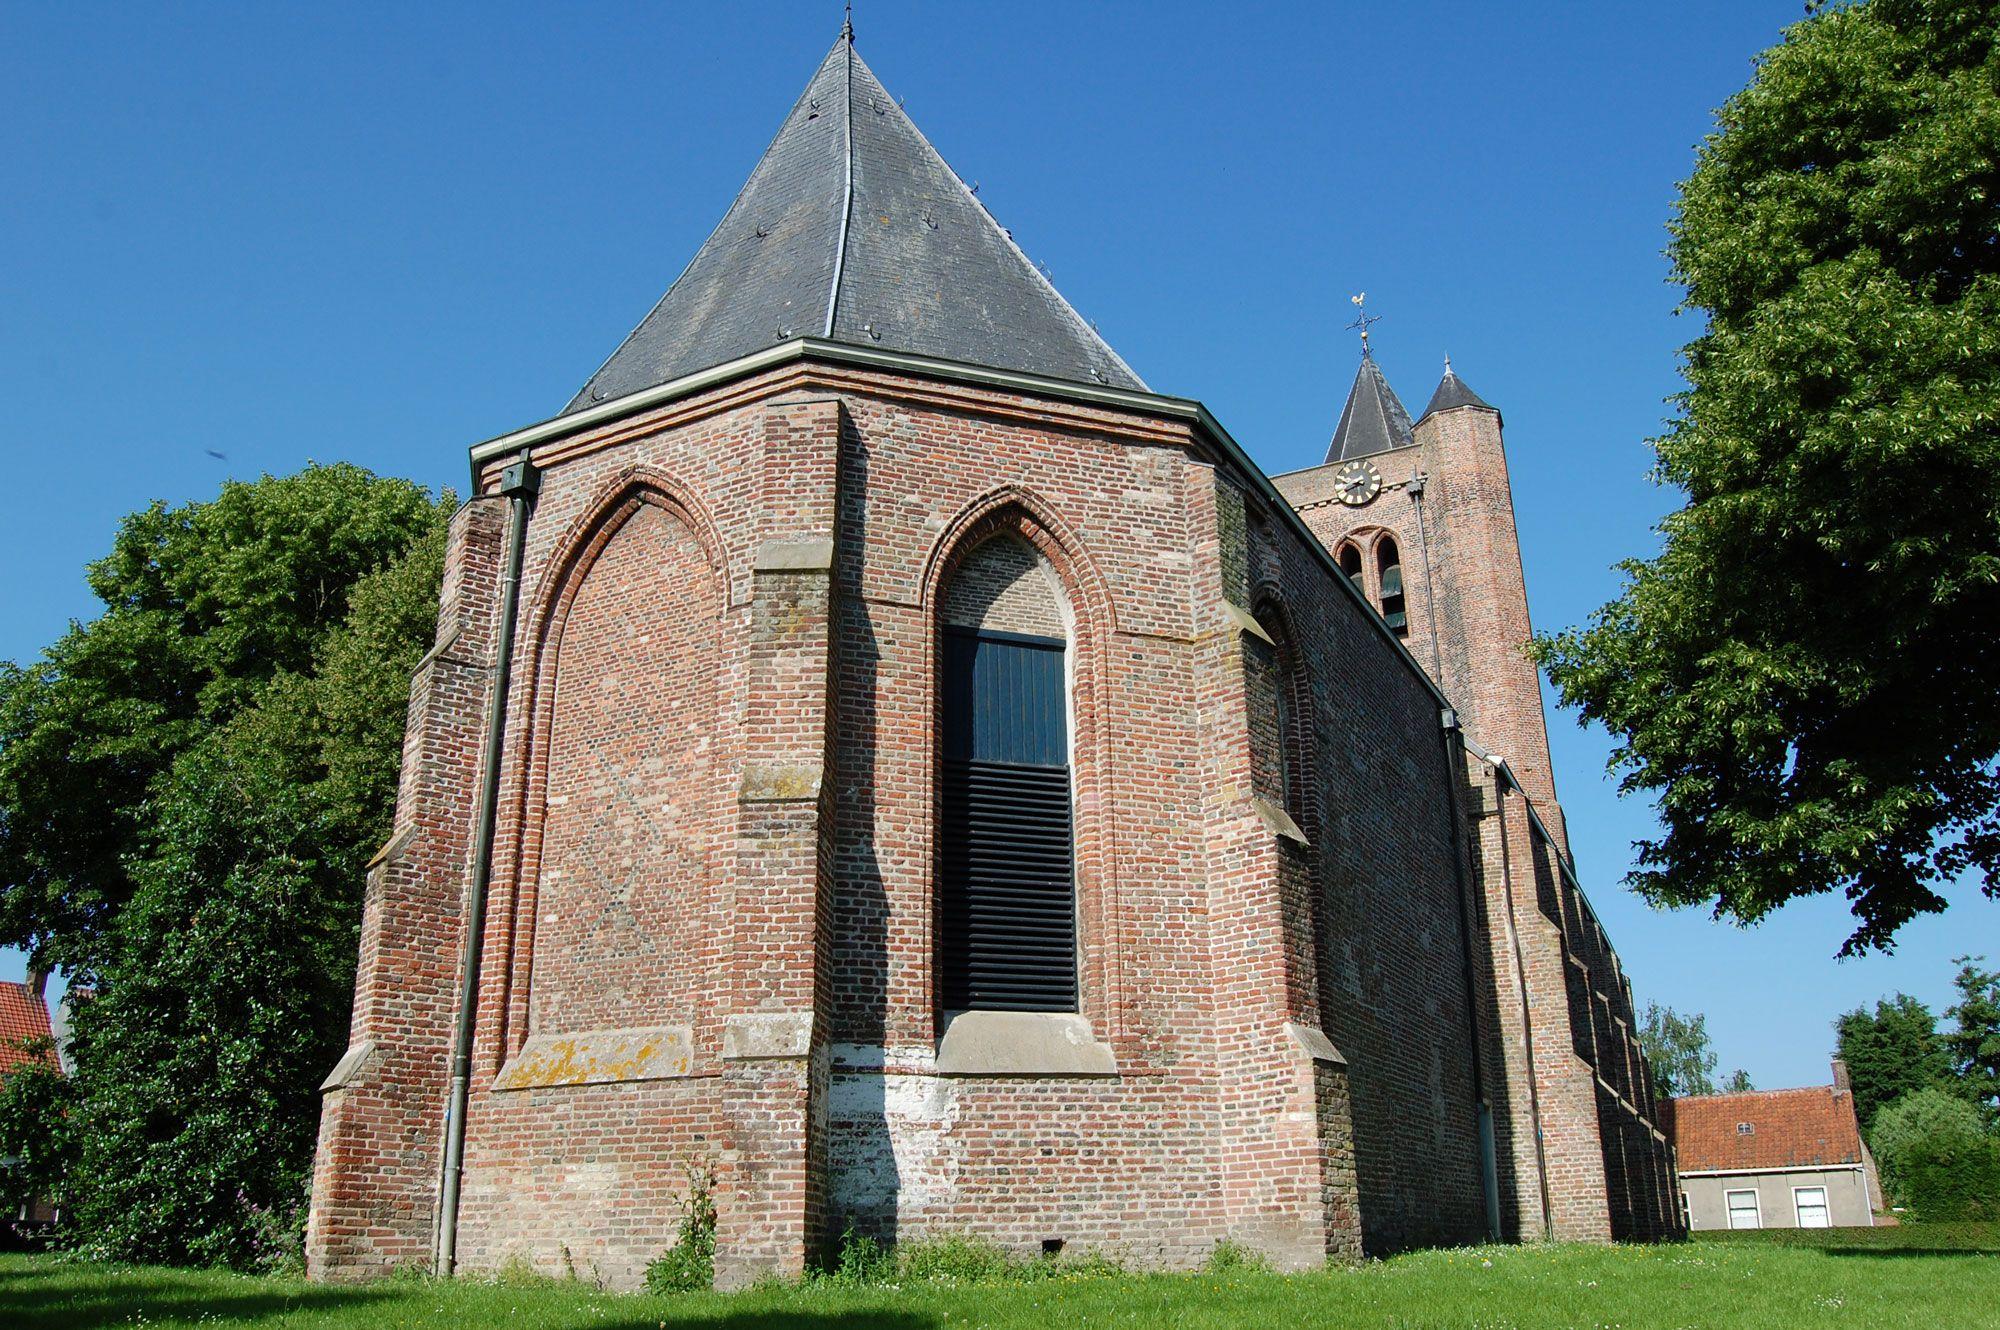 Exterieur van de laatmiddeleeuwse Sint-Maartenskerk in Baarland, eigendom van de Stichting Oude Zeeuwse Kerken. (Beeldbank SCEZ)